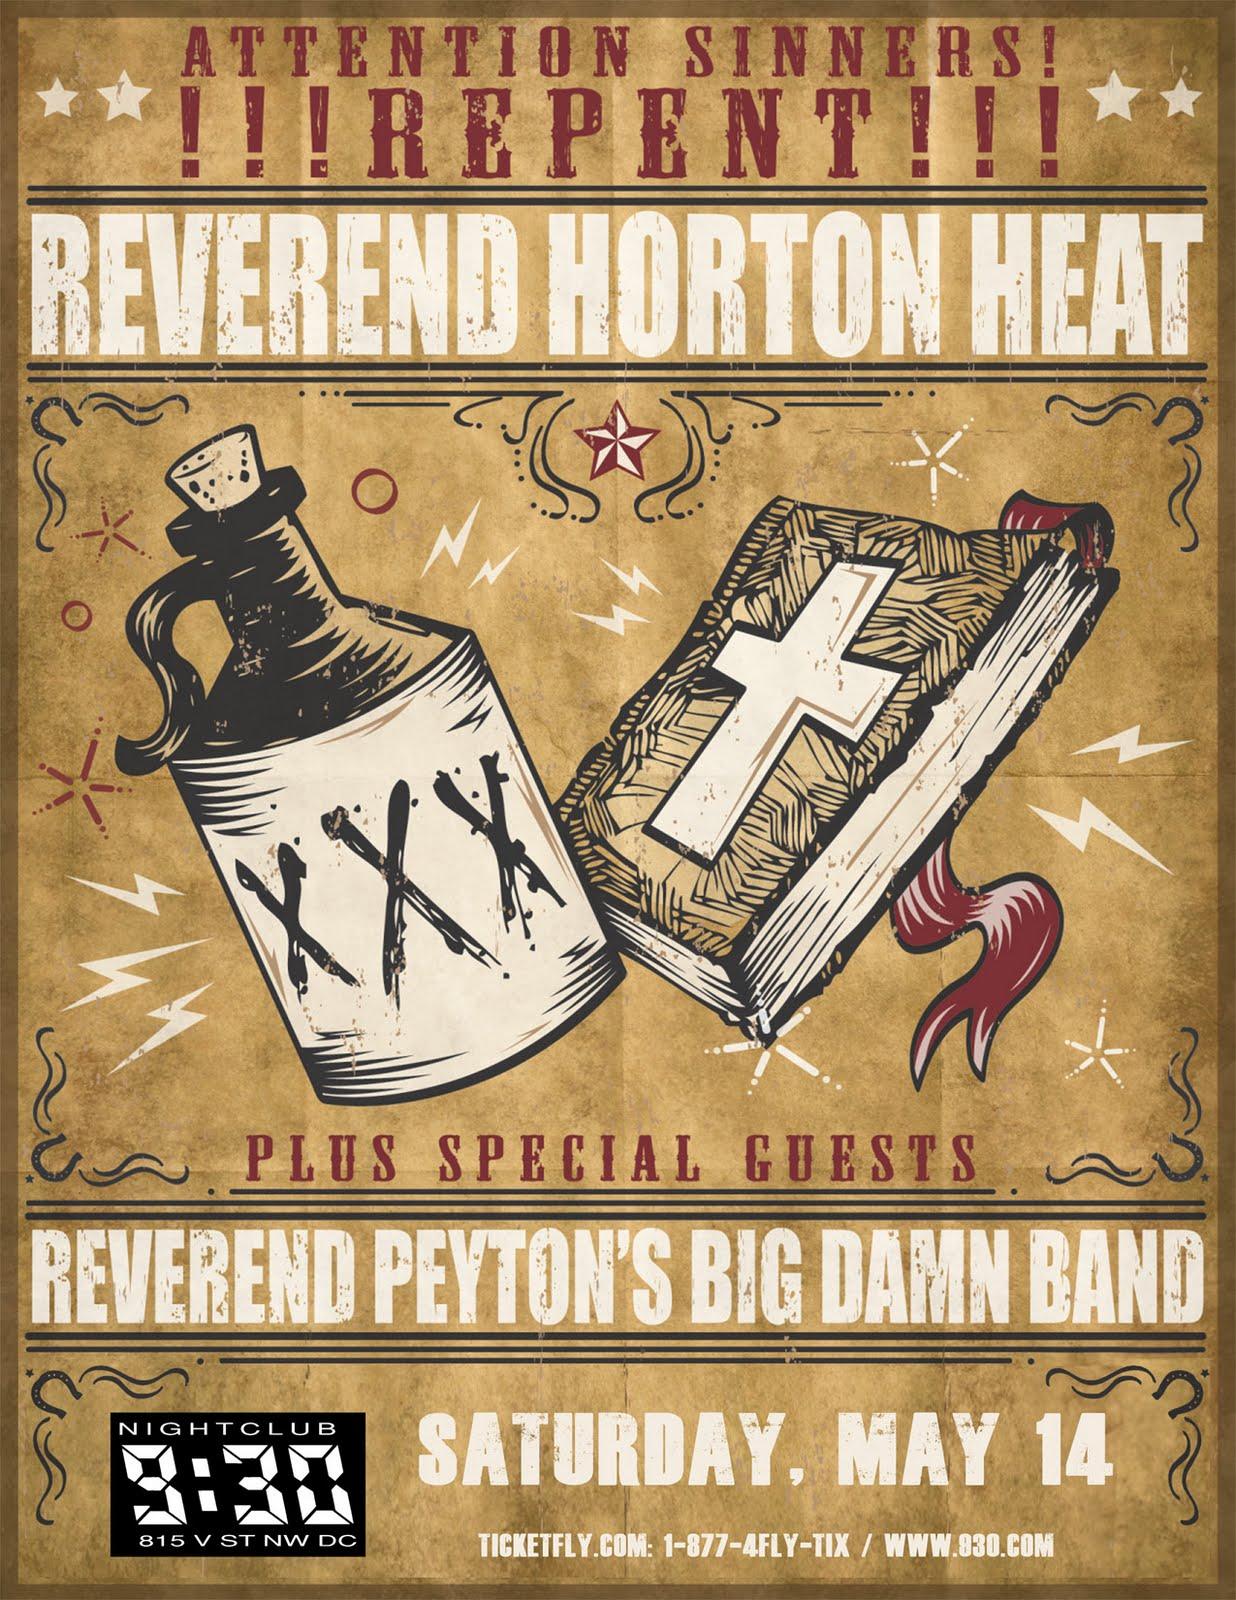 http://3.bp.blogspot.com/-R1ridowj1Pg/Tc3OXQWiq_I/AAAAAAAABj0/94jP9R0hM7M/s1600/ReverendHortonHeatF.jpeg